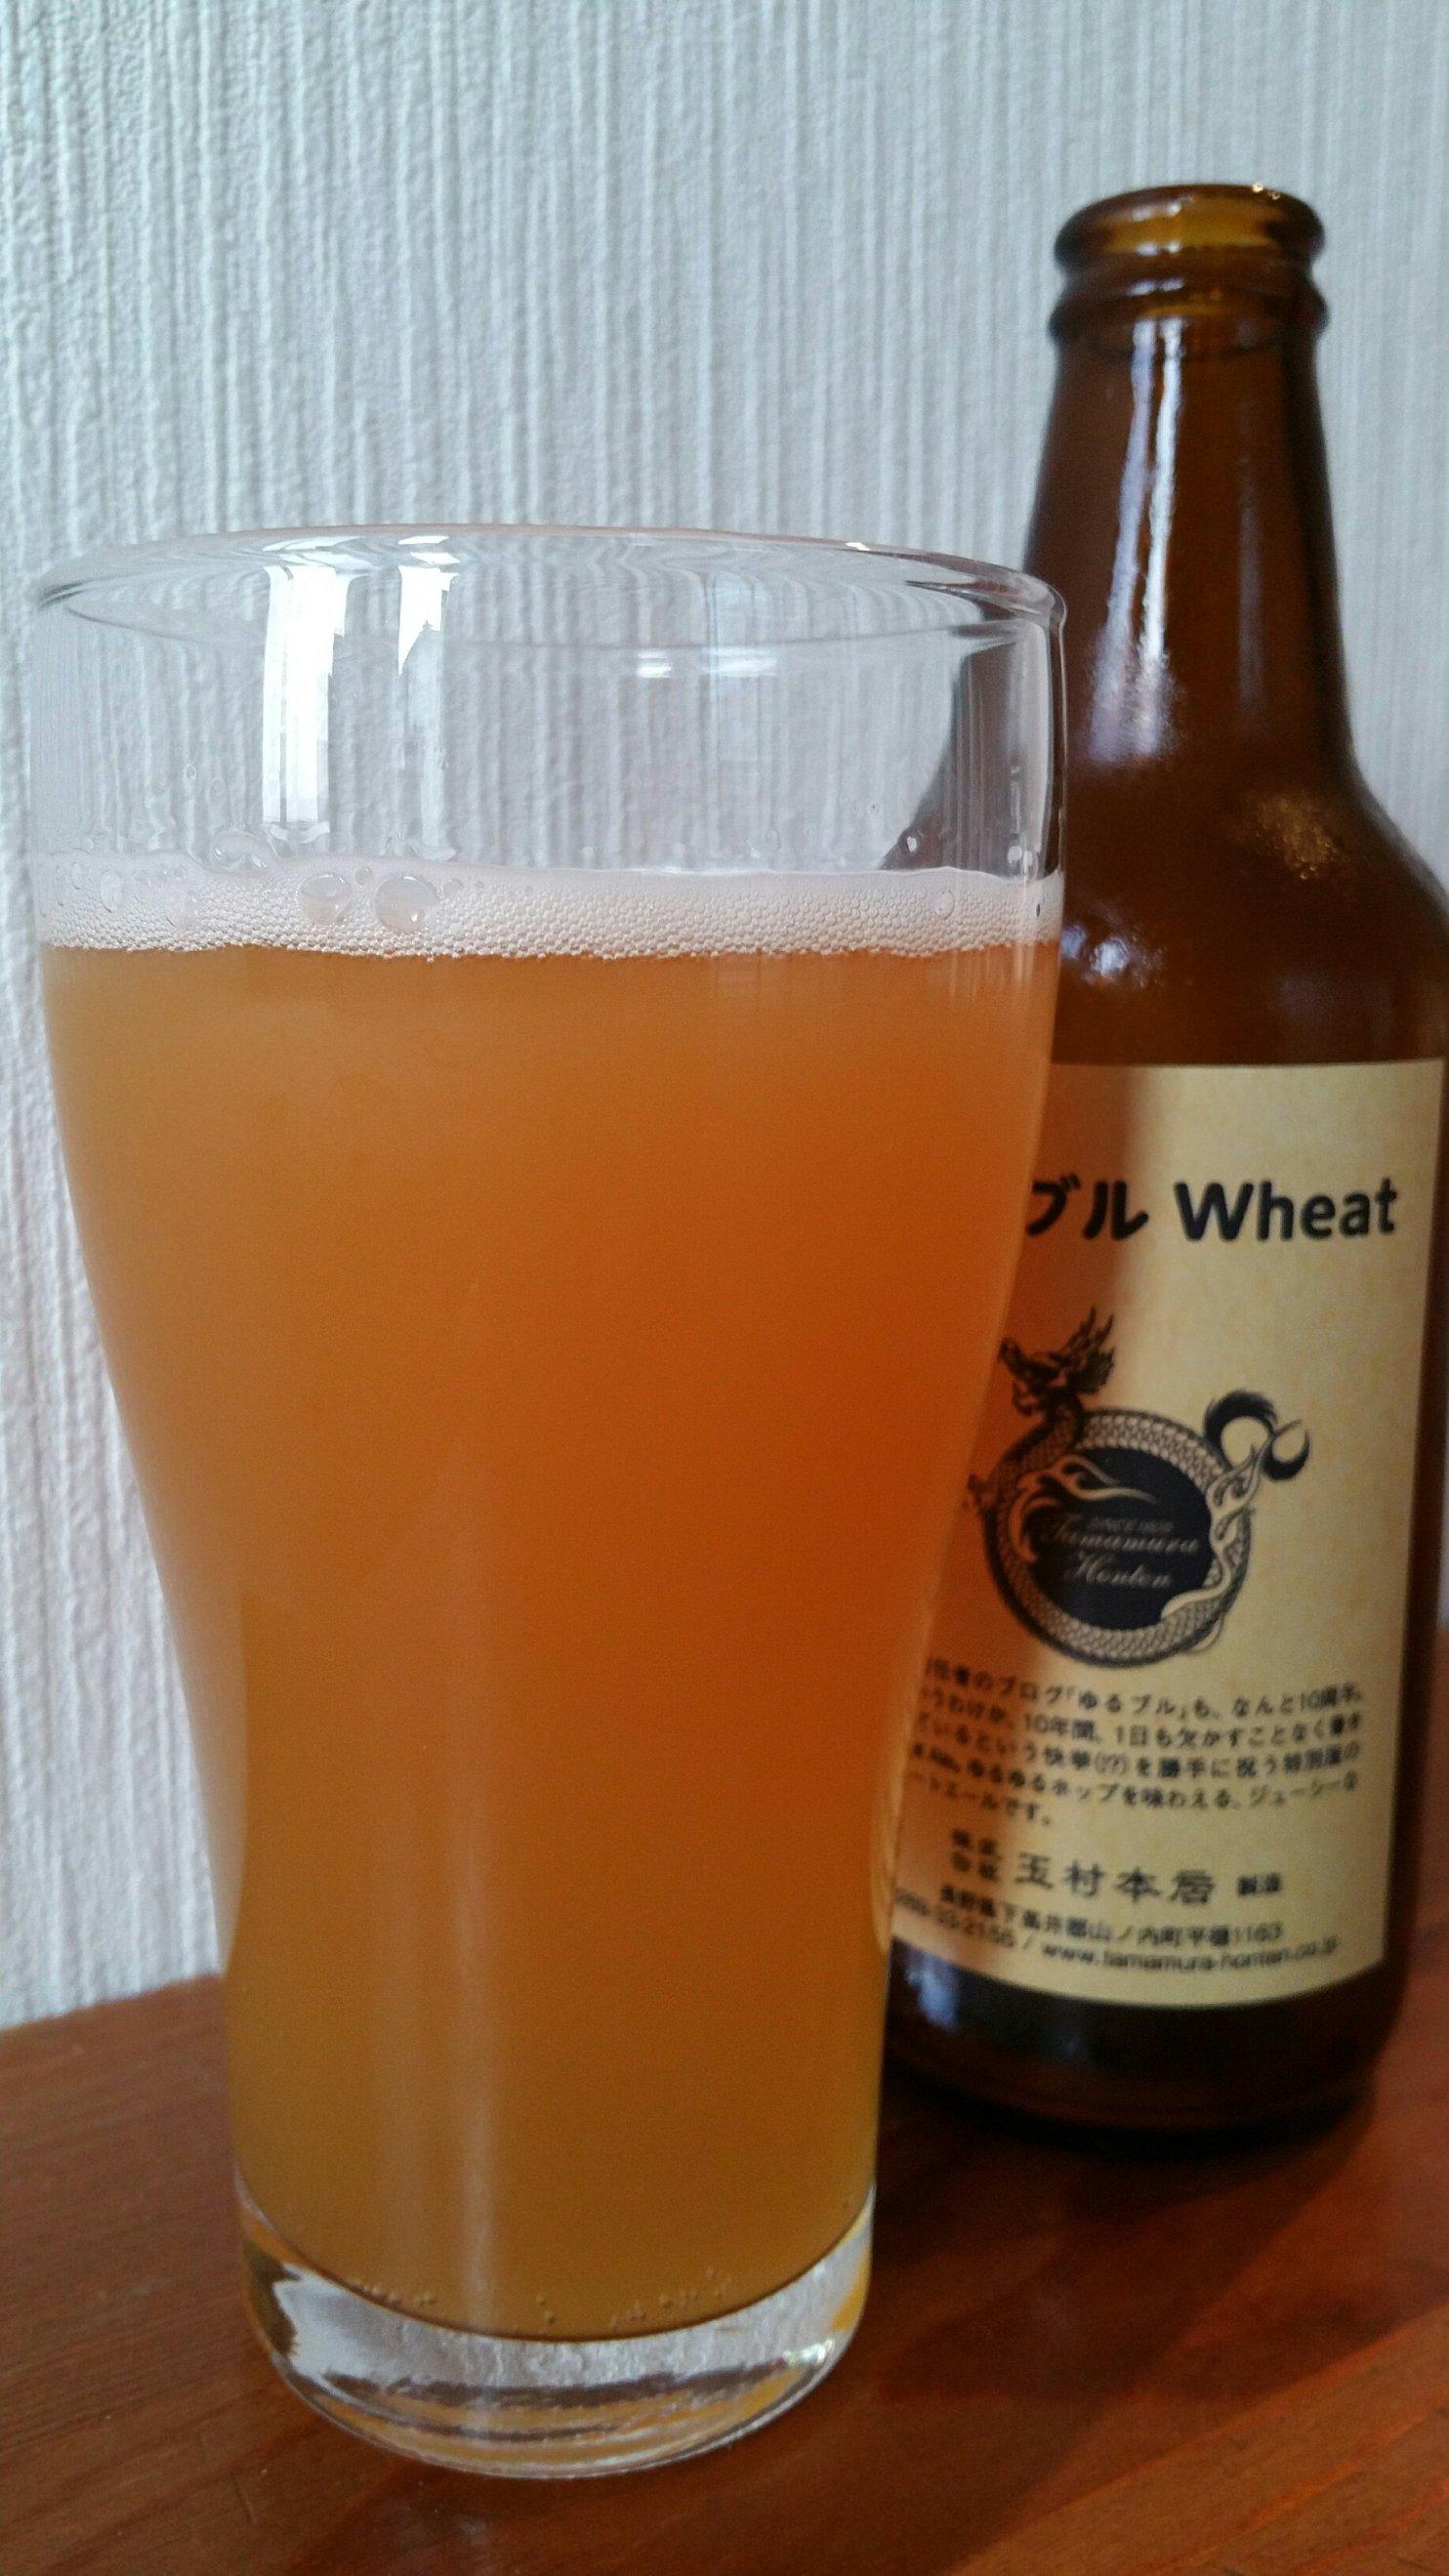 Shiga Kogen Yuru Buru Wheat